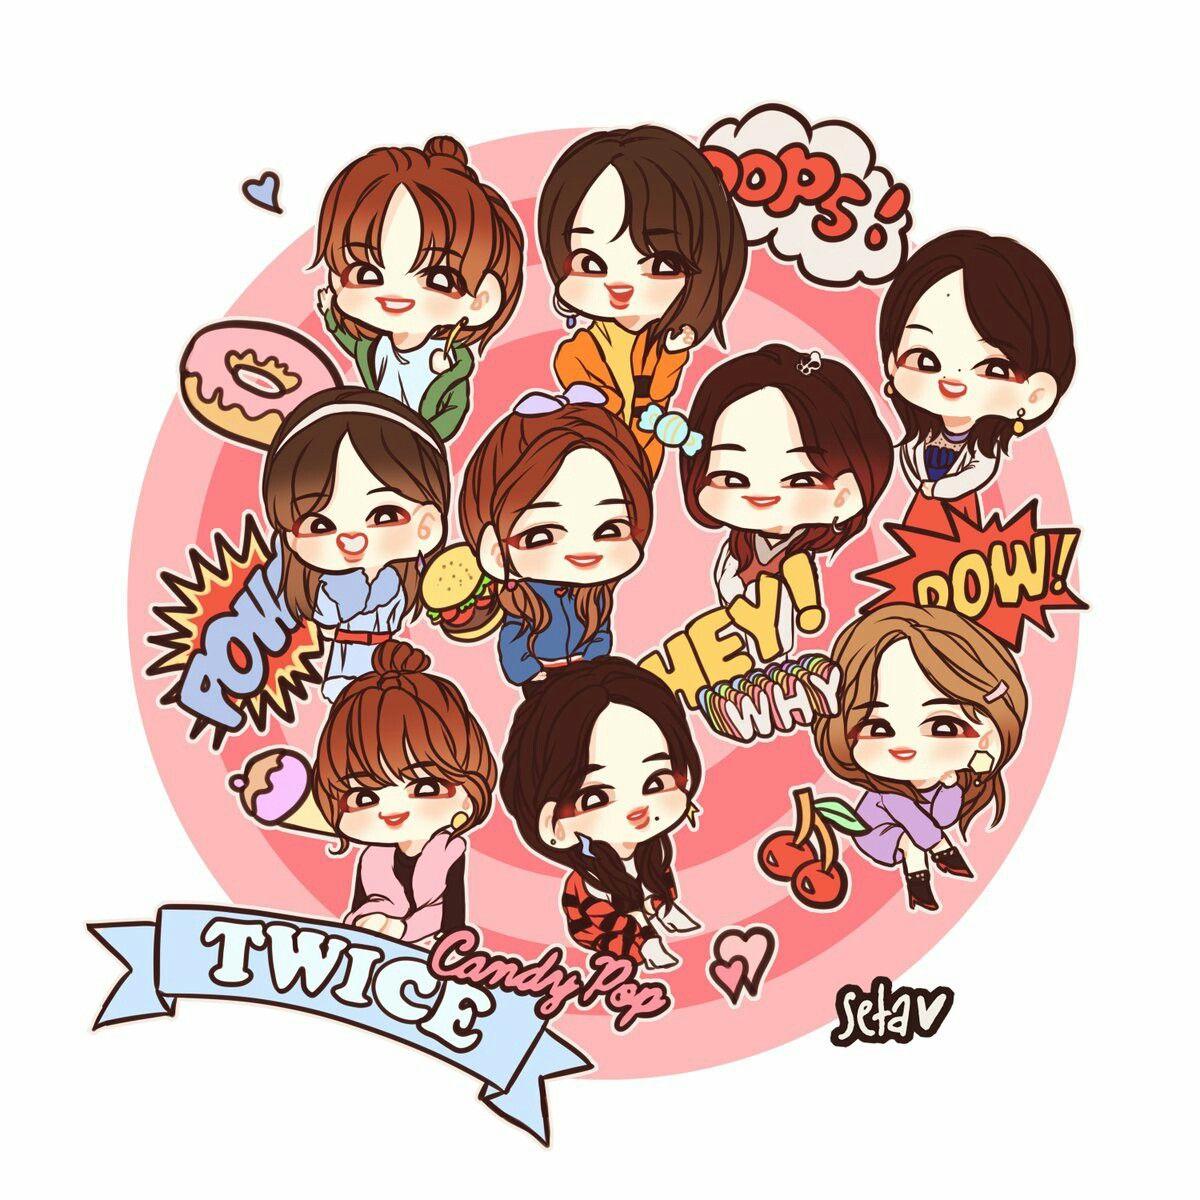 TWICE Candy Pop Release 2018.02.07 ♡ Twice fanart, Fan